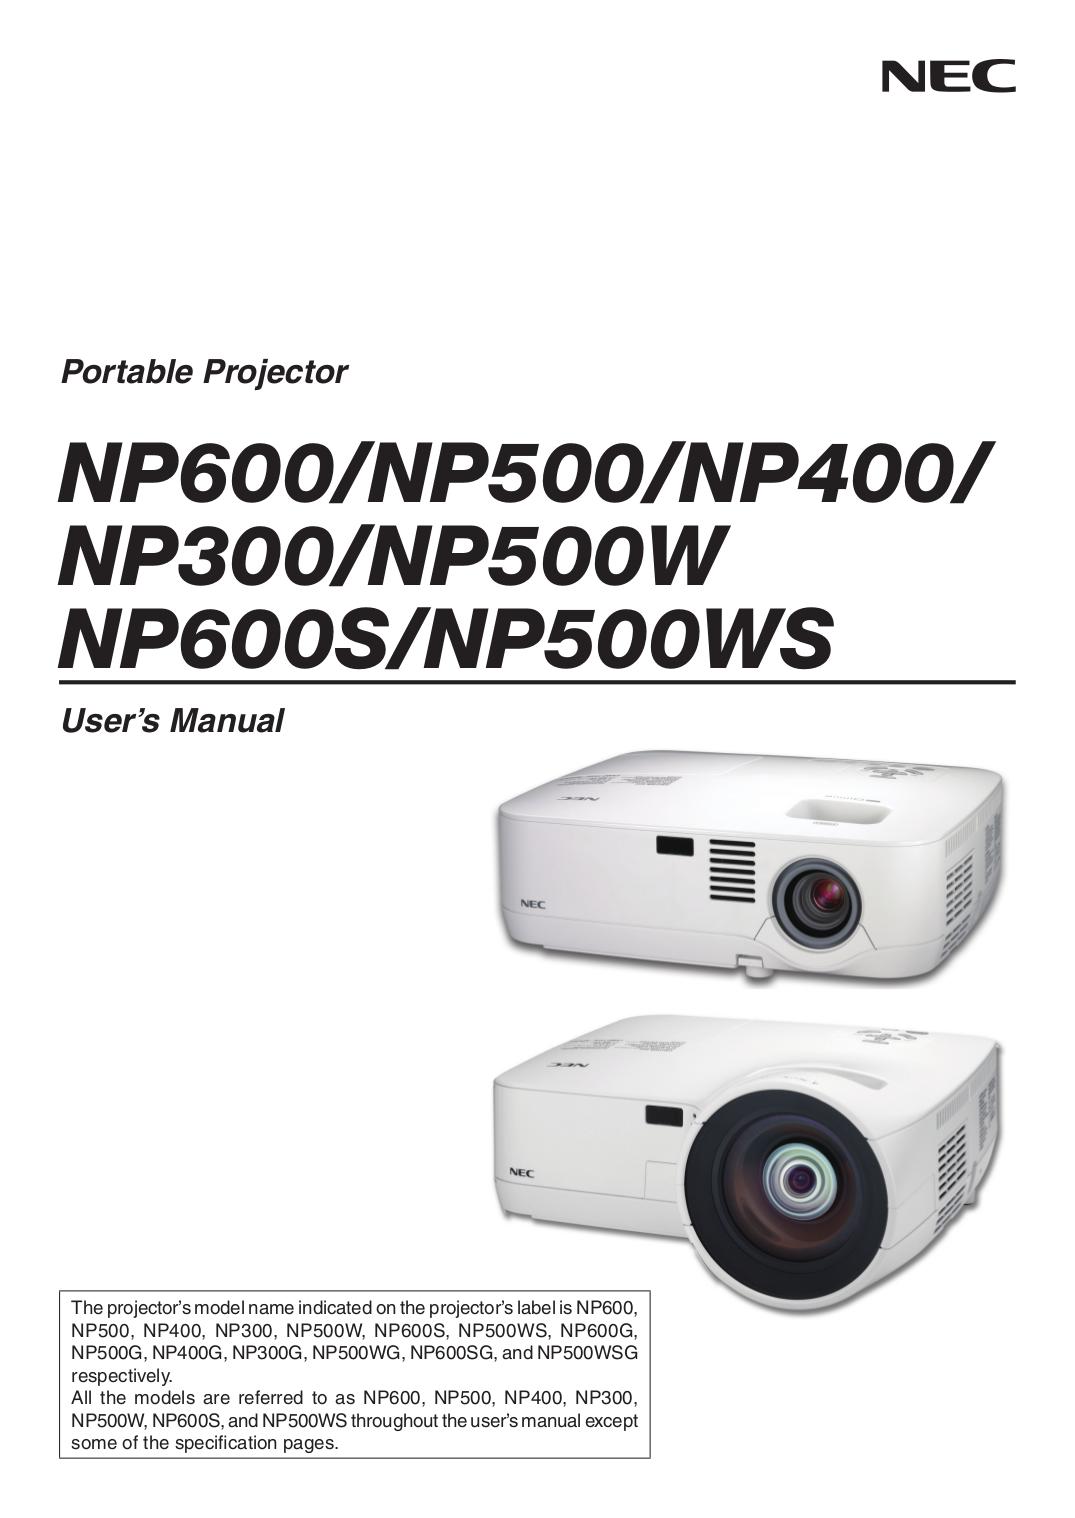 nec guide 500 pdf